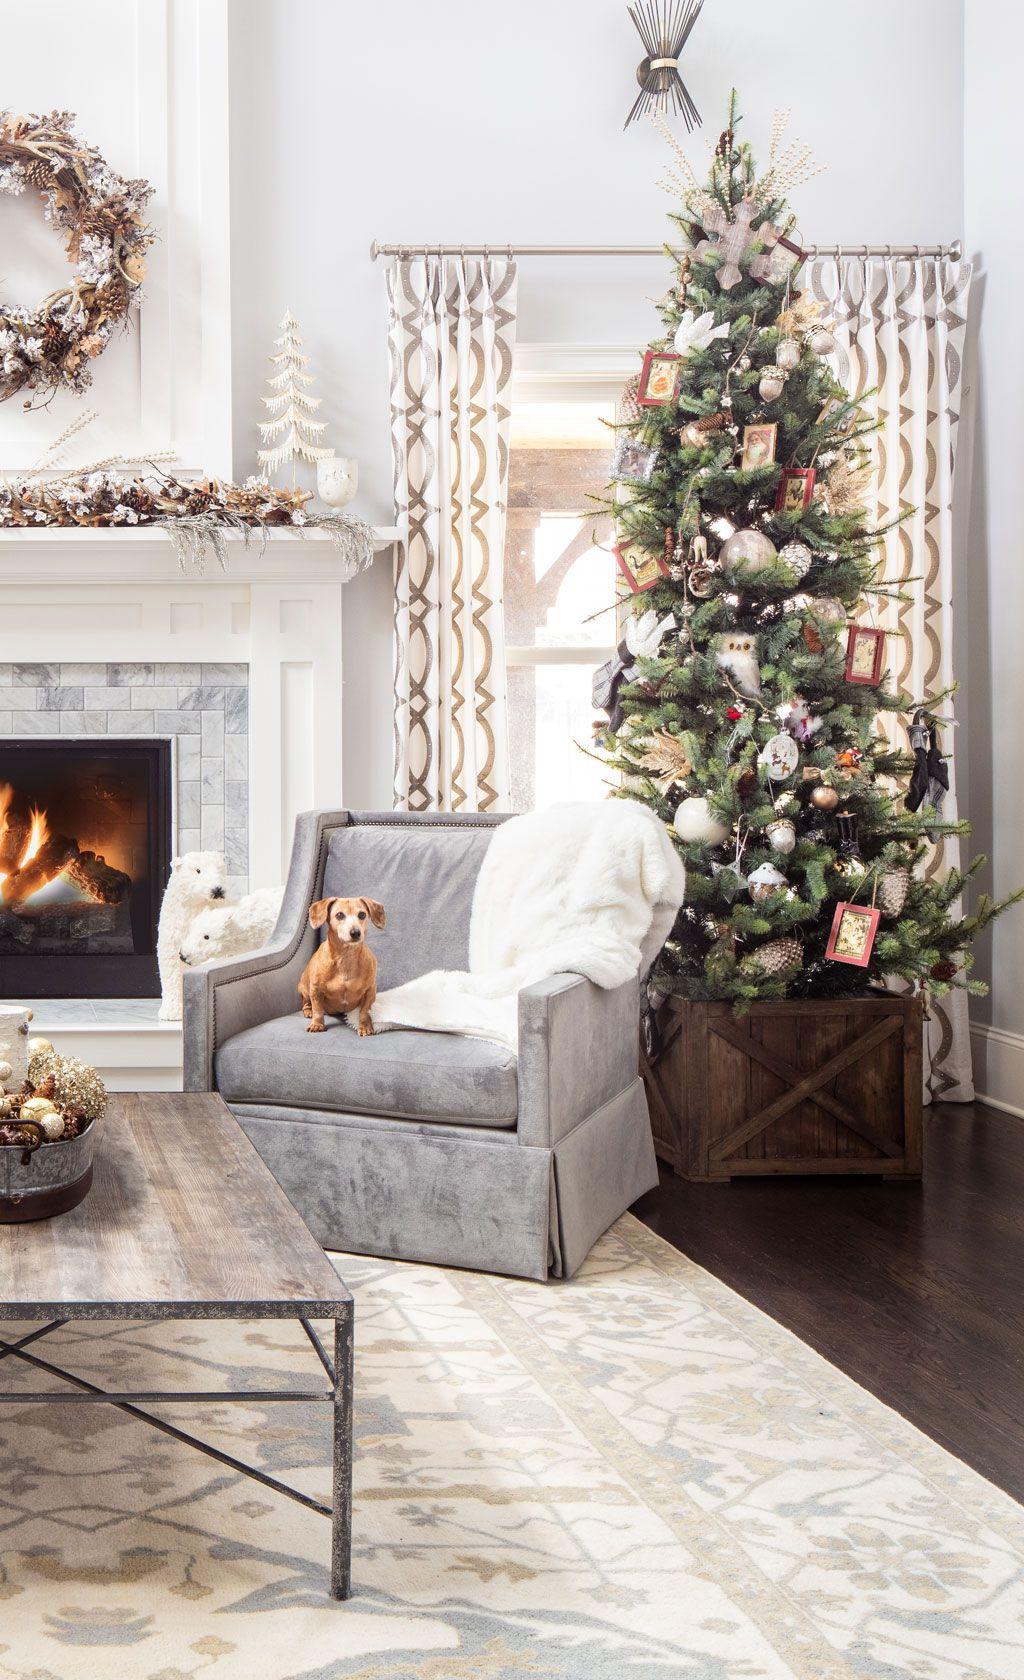 Family Friendly Holiday Decorating Tips Holiday Decor Decor Holiday Christmas Tree